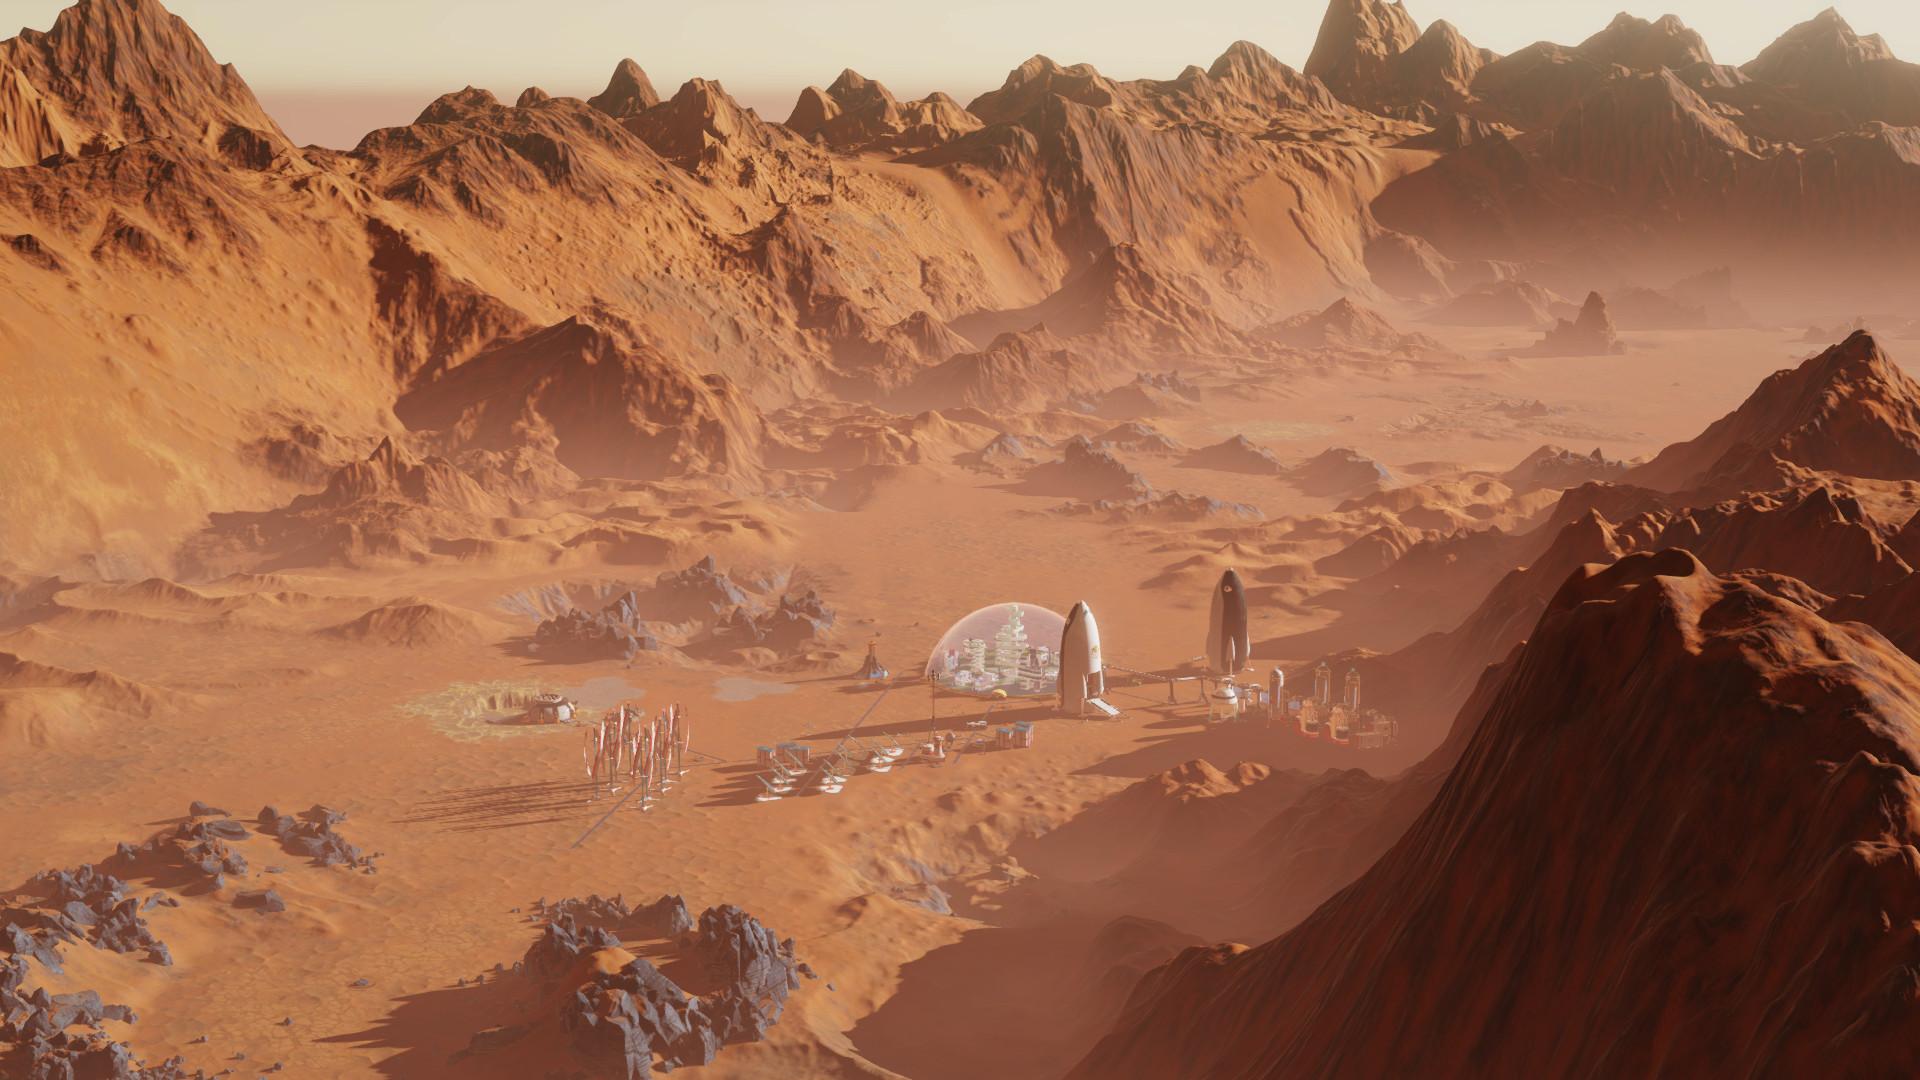 سی دی کی اریجینال استیم بازی Surviving Mars